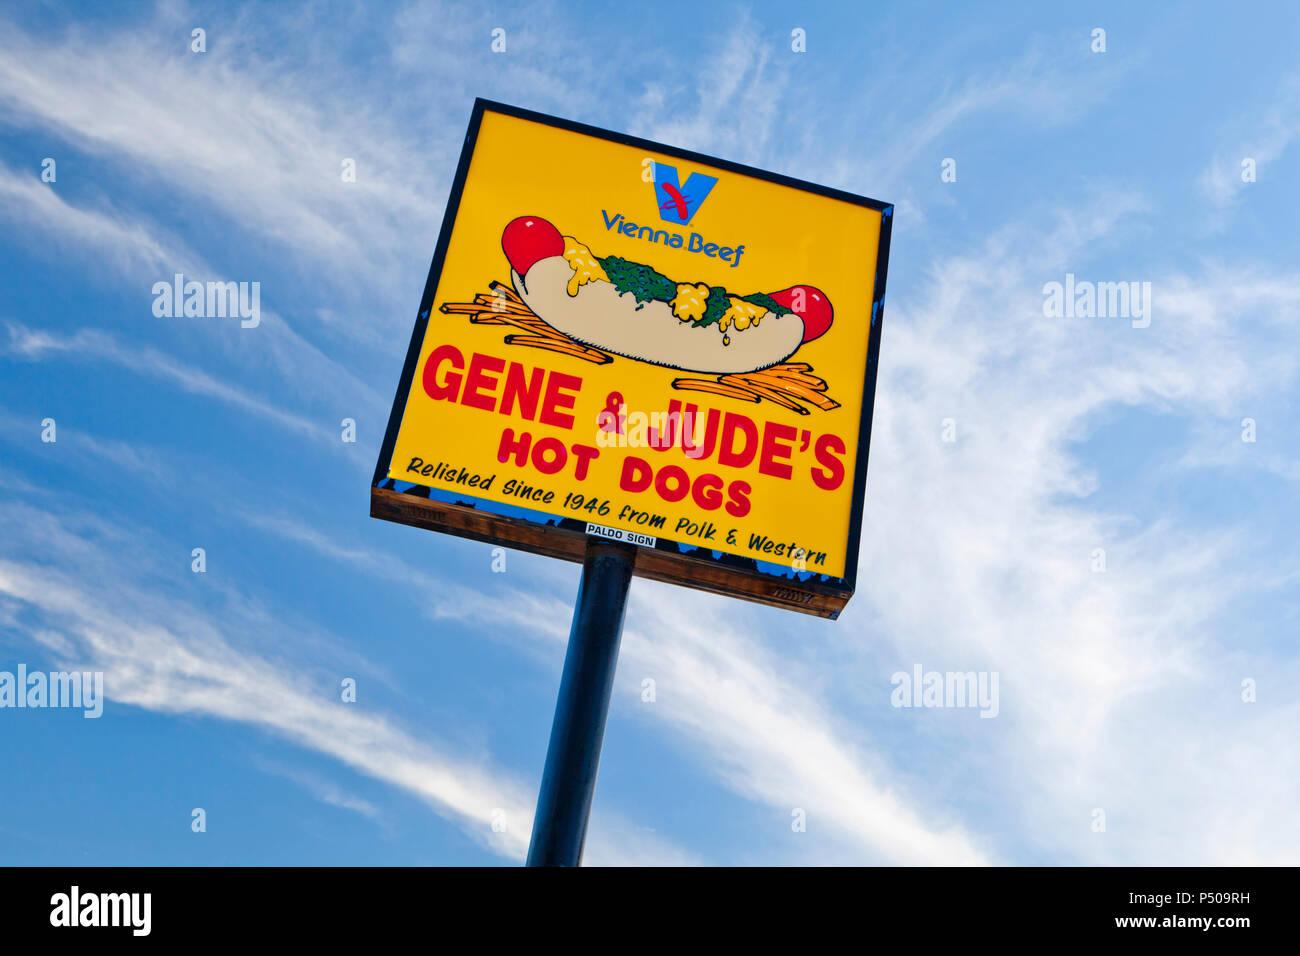 Fast Food Near Shedd Aquarium